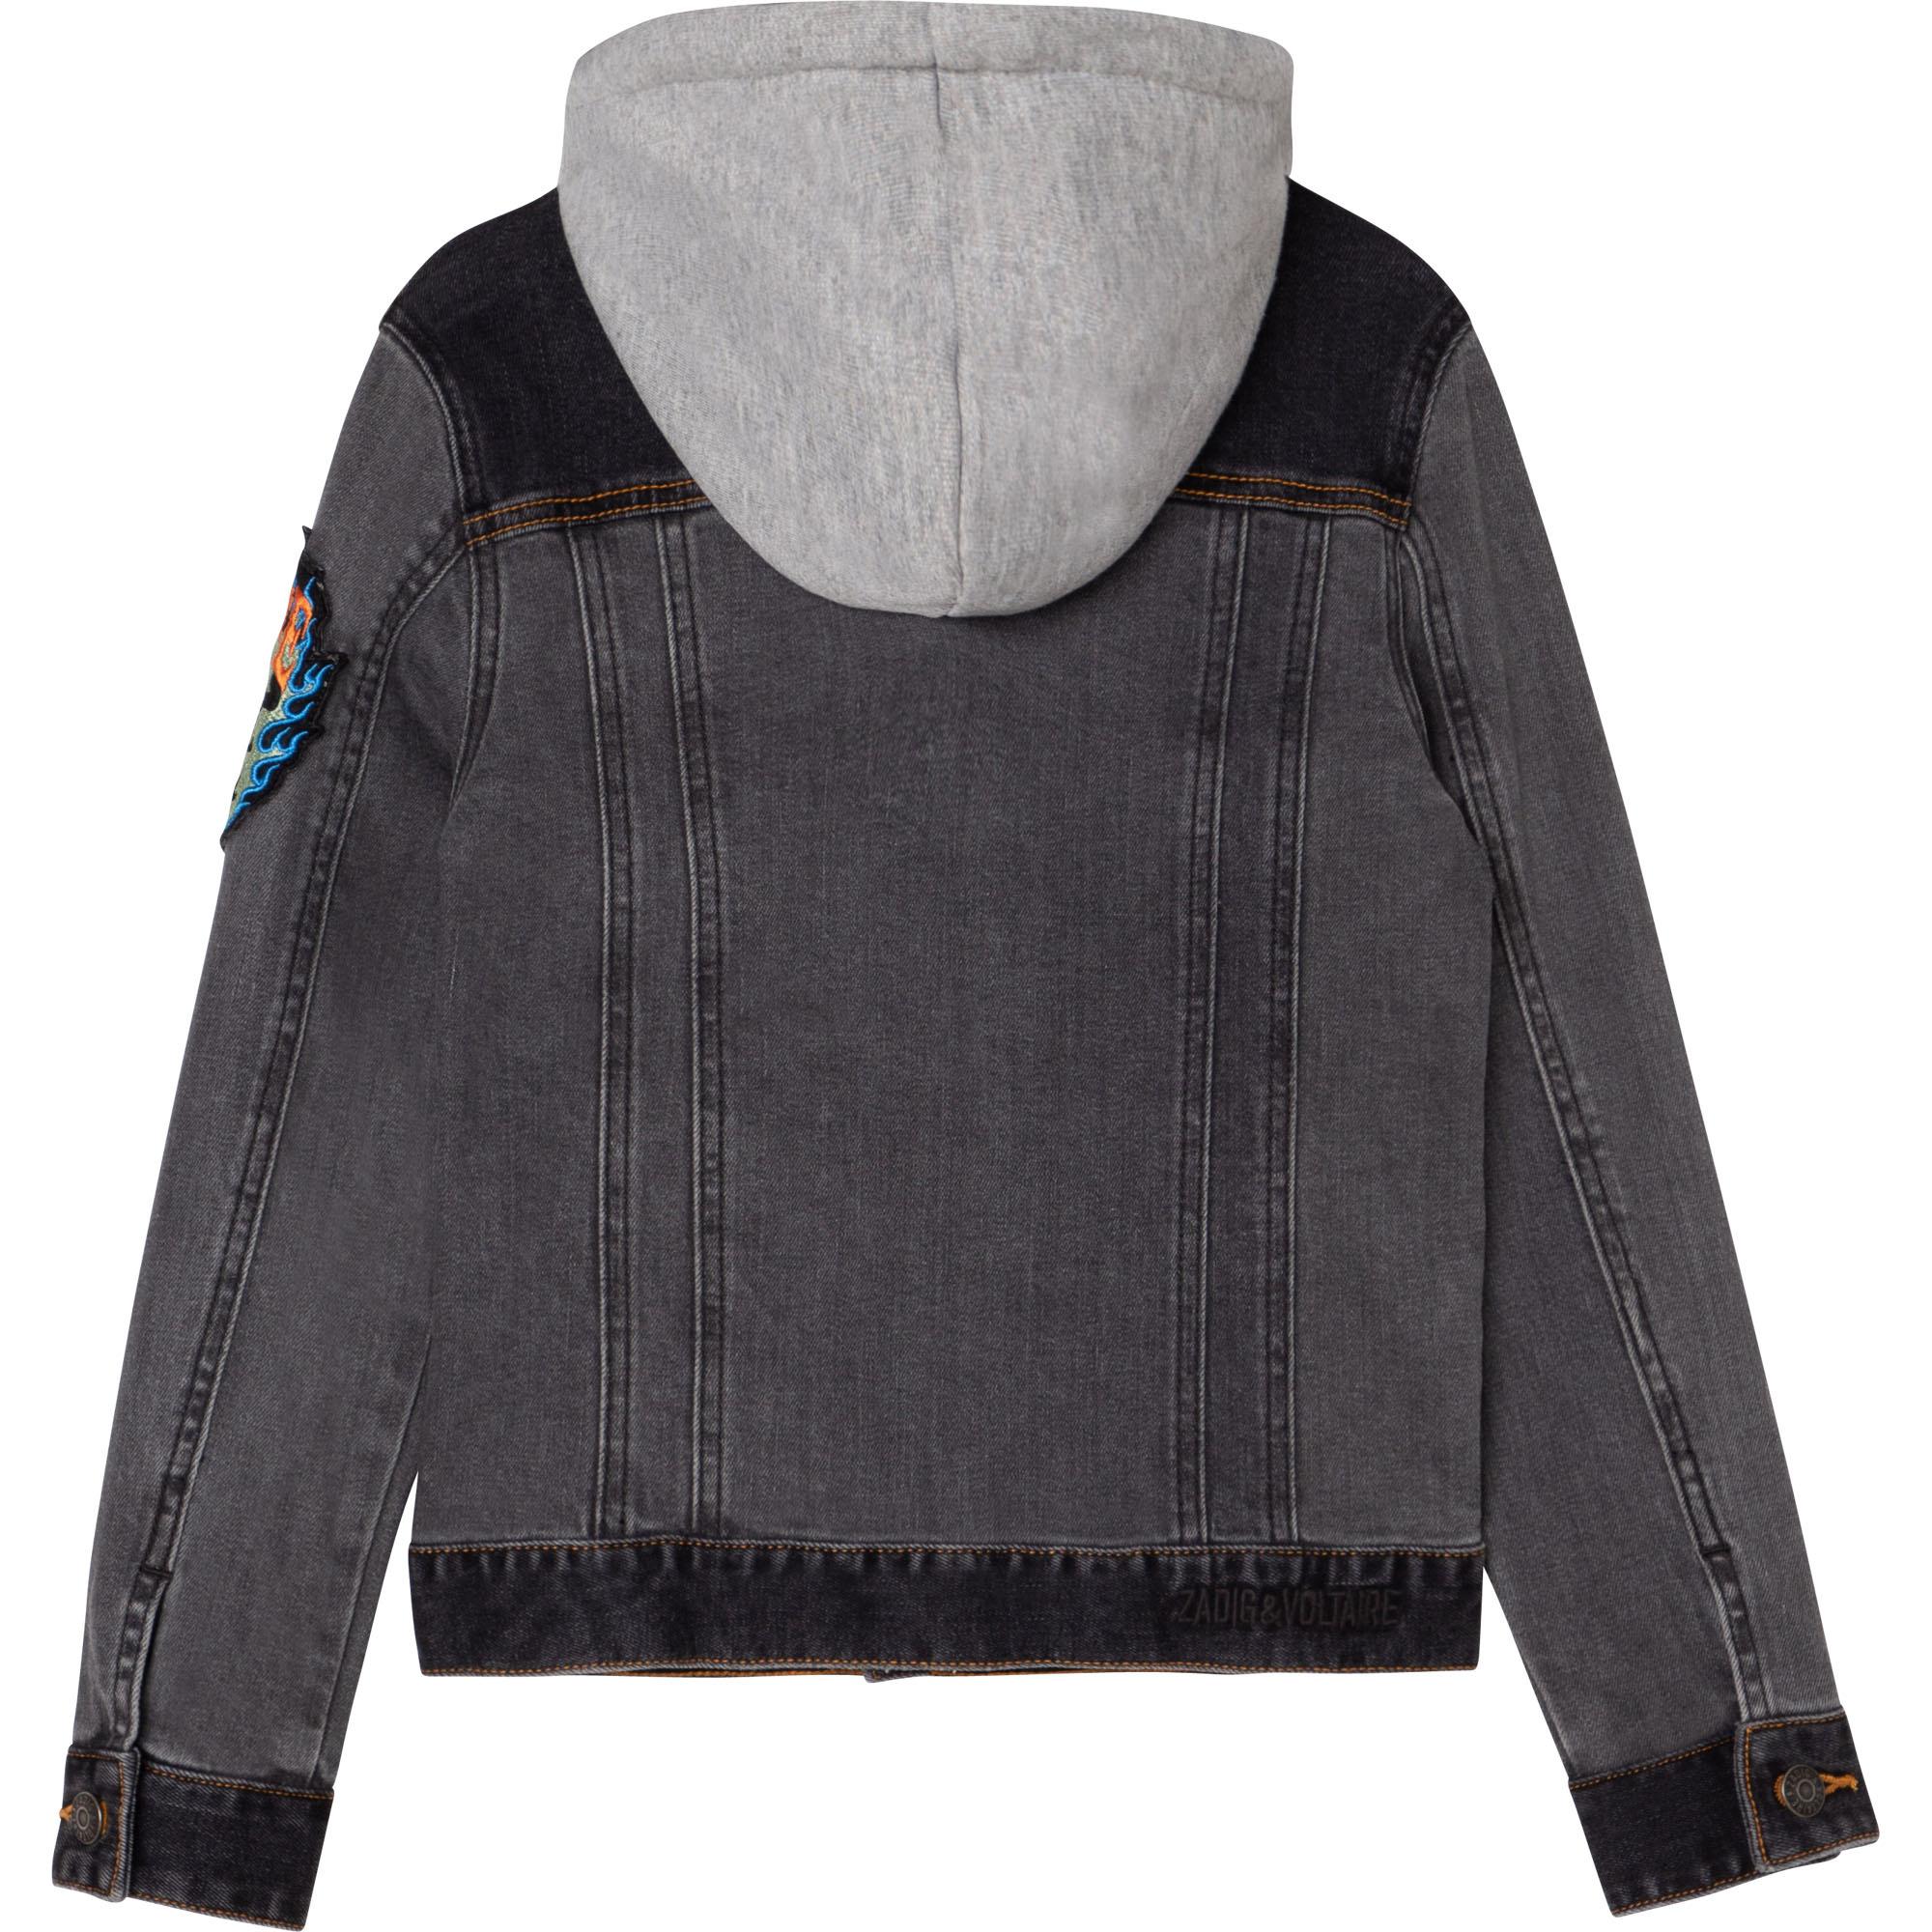 ZADIG&VOLTAIRE veste denim coton à capuche-3